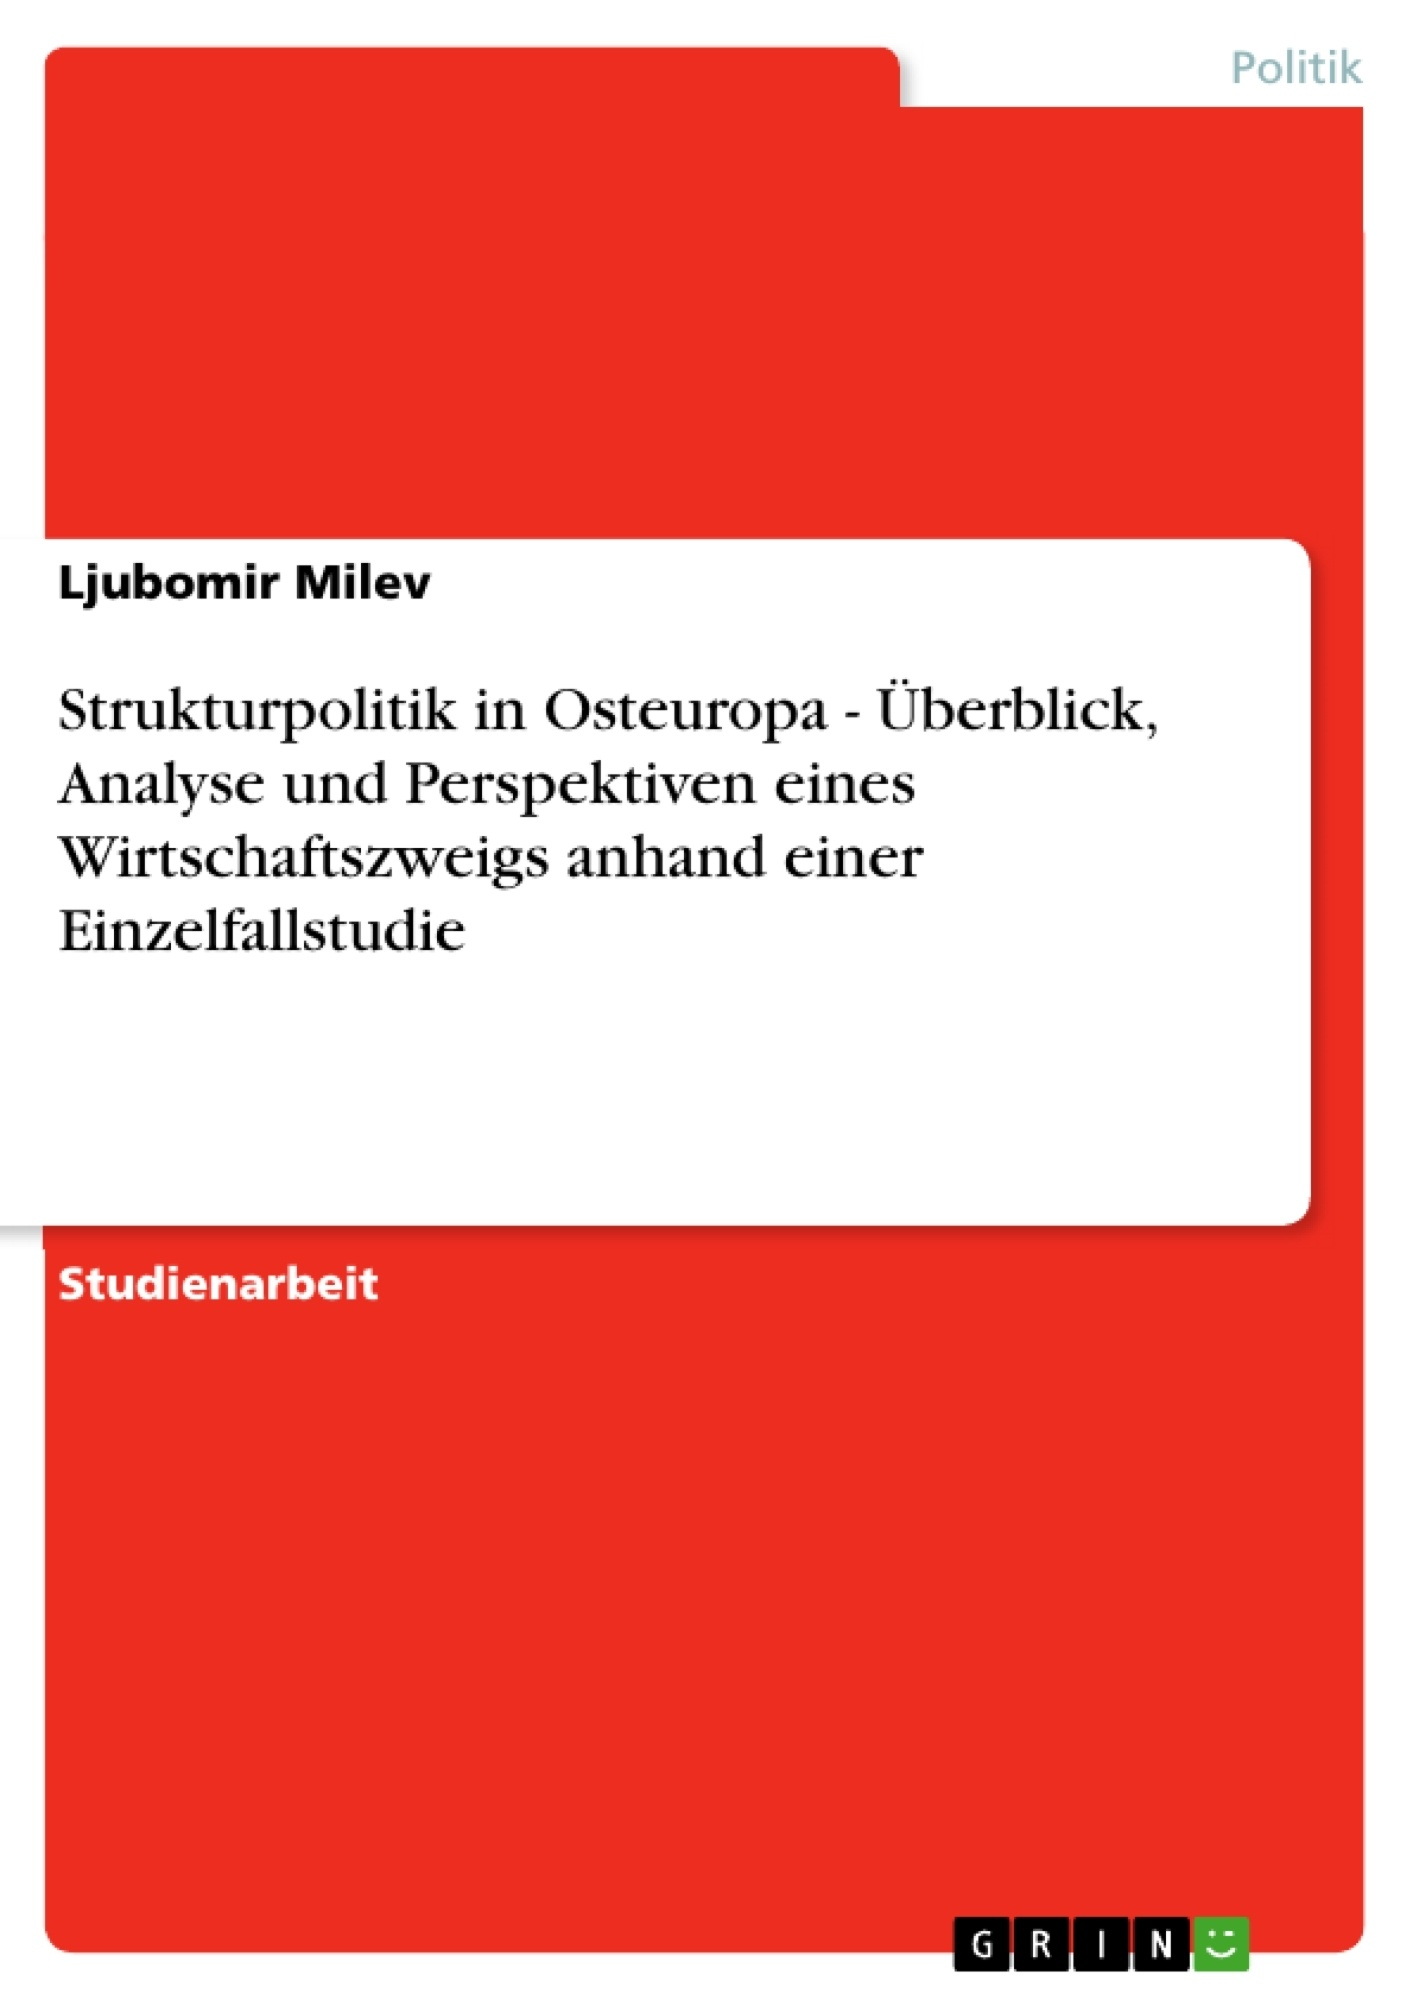 Titel: Strukturpolitik in Osteuropa - Überblick, Analyse und Perspektiven eines Wirtschaftszweigs anhand einer Einzelfallstudie